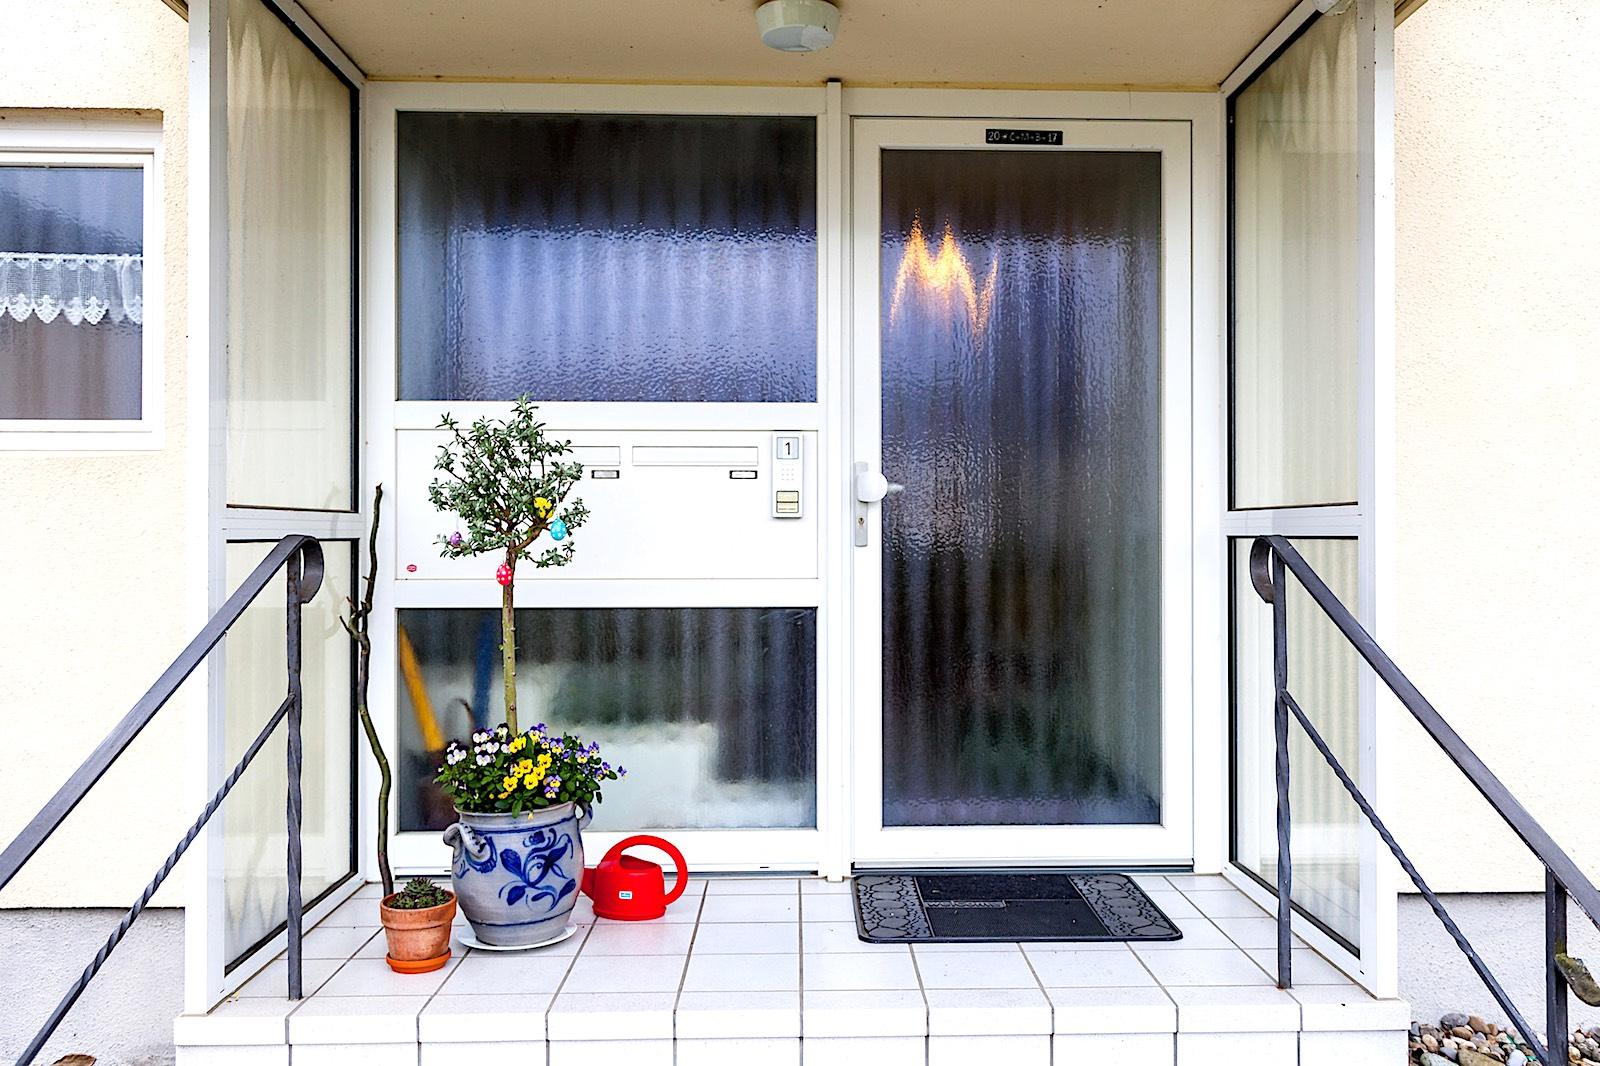 EFH in Altenburg - Aluminium-Eingangstür mit Seitenteil und eingebautem Briefkasten2 zusätzliche Seitenelemente als Wind- und RegenschutzBriefkasten: RENZ-Briefkastenanlage mit isoliertem Einbaupaneel. Briefentnahme von innenVerglasung: Chinchilla